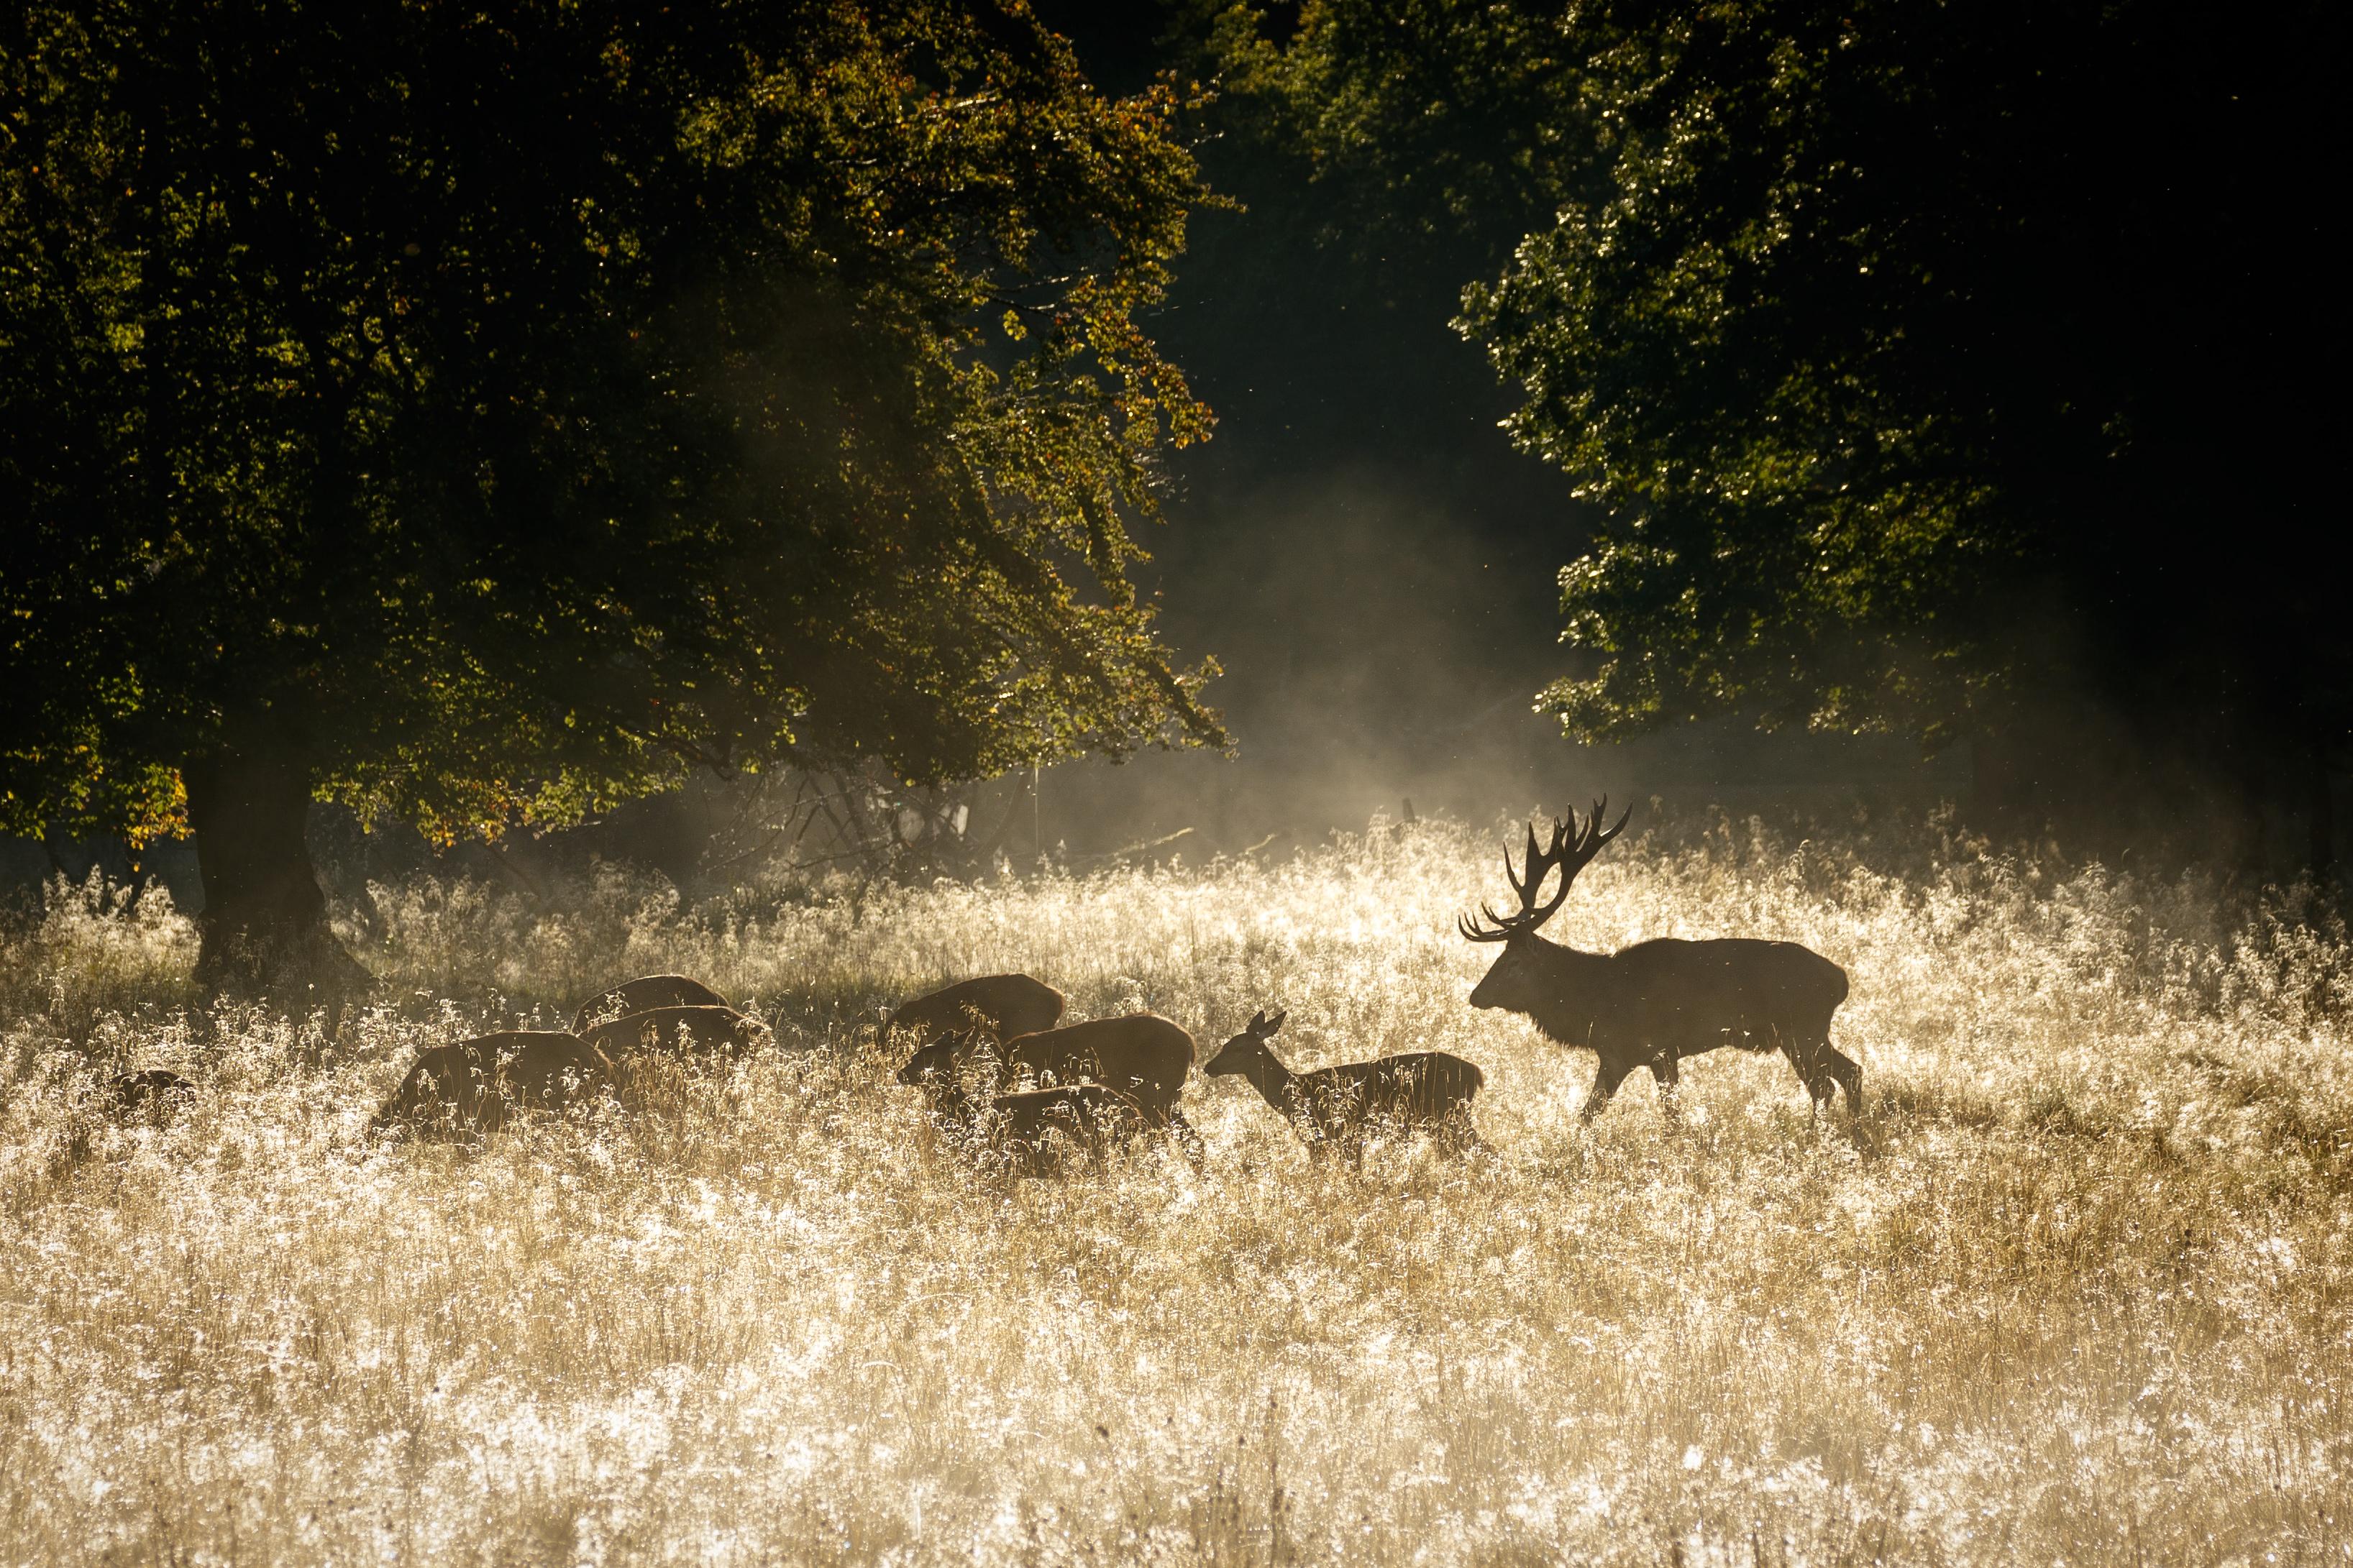 Jagderfolg Biologie Jagd jäger Jägermagazin